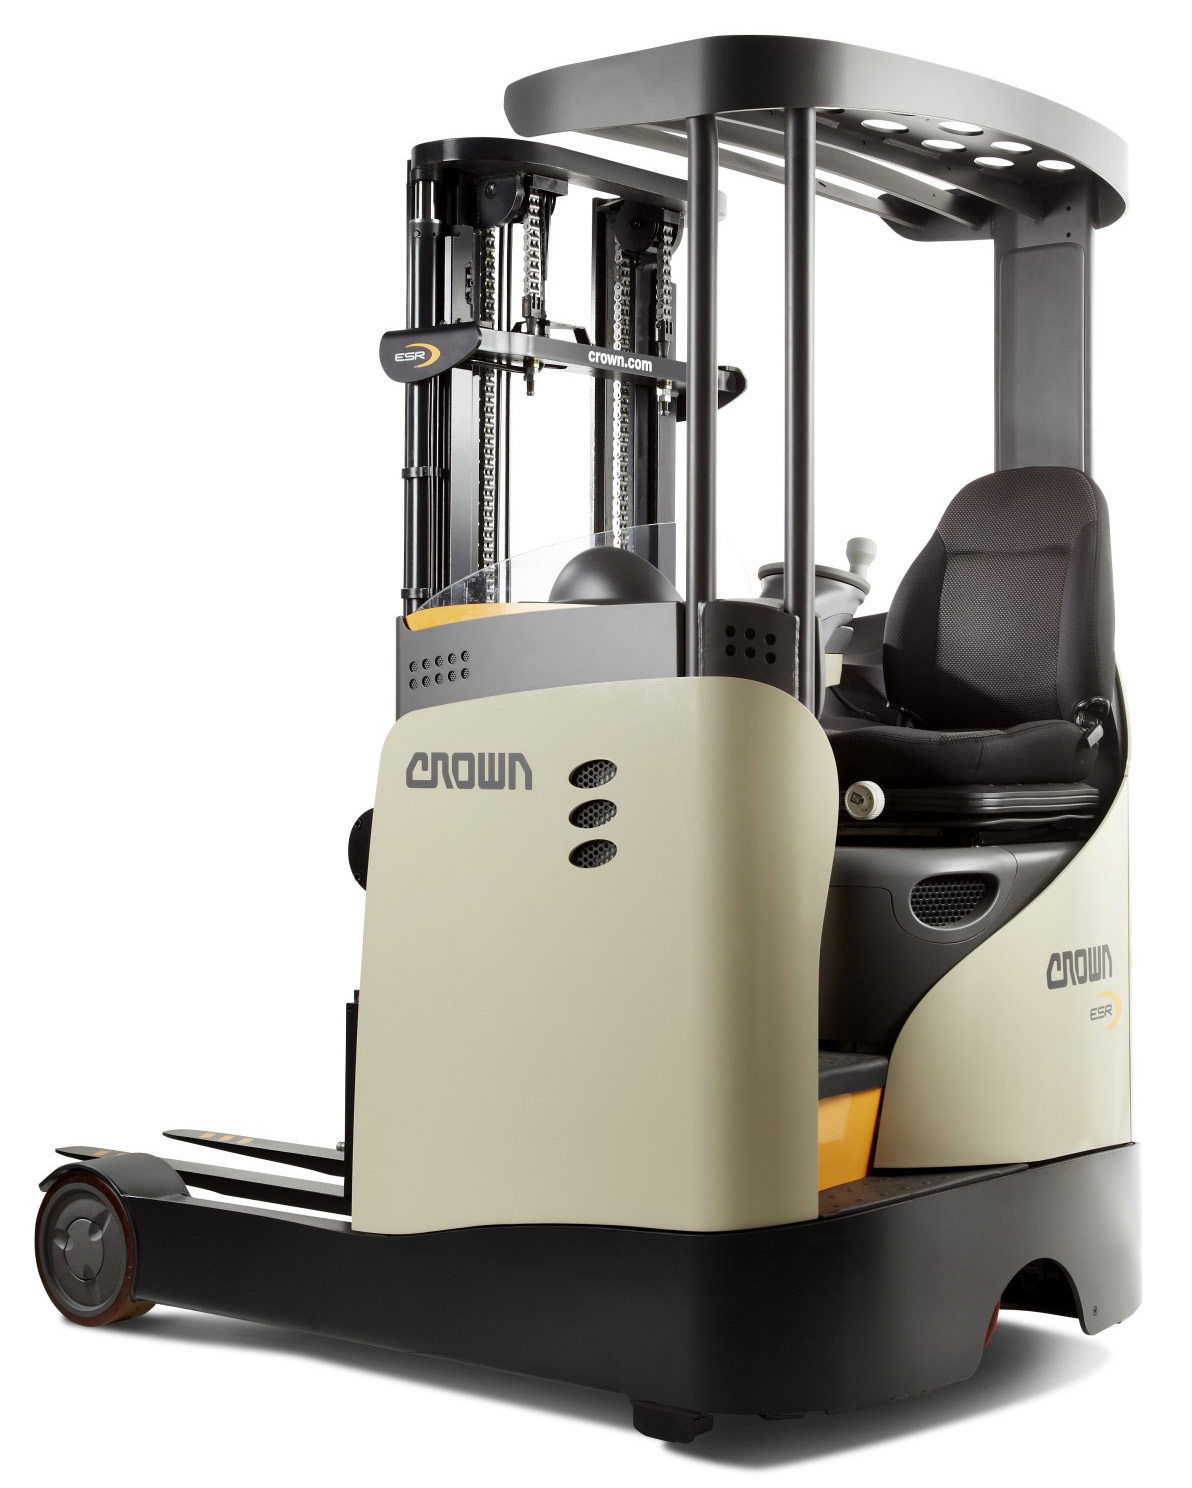 Crown ESR 5200